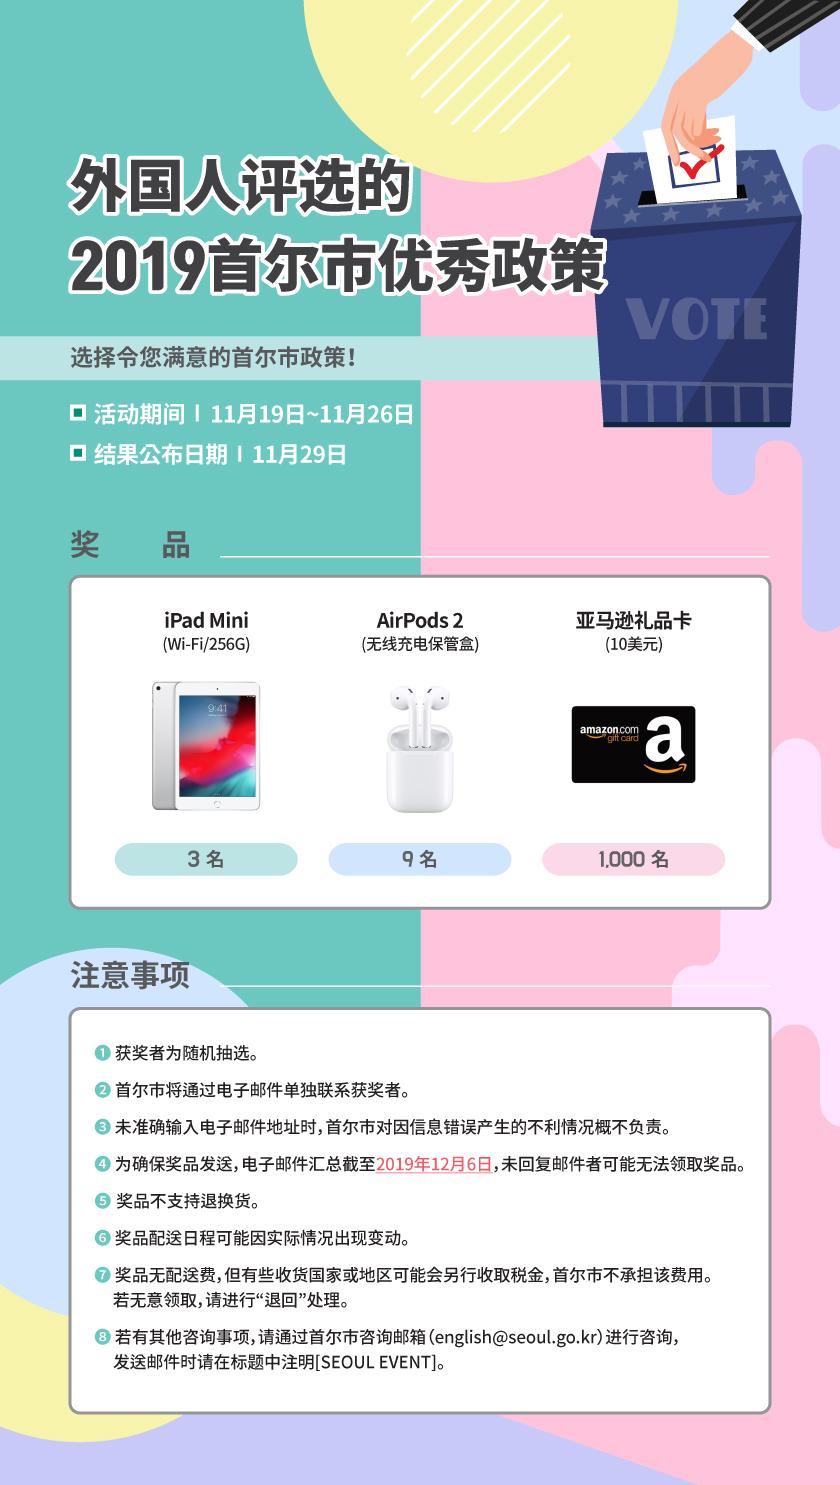 """外国人评选的2019首尔市优秀政策 选择令您满意的首尔市政策! 活动期间:11月19日~11月26日 结果公布日期:11月29日 奖品 iPad mini (WI-FI/256G)3名 AirPods2(无线充电保管盒)9名亚马逊礼品卡(10美元) 1000名※注意事项 1.获奖者为随机抽选。 2.首尔市将通过电子邮件单独联系获奖者。3.未准确输入电子邮件地址时,首尔市对因信息错误产生的不利情况概不负责。 4.为确保奖品发送,电子邮件汇总截至2019年12月6日,未回复邮件者可能无法领取奖品。  5.奖品不支持退换货。 6.奖品配送日程可能因实际情况出现变动。 7.奖品无配送费,但有些收货国家或地区可能会另行收取税金,首尔市不承担该费用。若无意领取,请进行""""退回""""处理。8.若有其他咨询事项,请通过首尔市咨询邮箱(english@seoul.go.kr)进行咨询,发送邮件时请在标题中注明[SEOUL EVENT]。"""